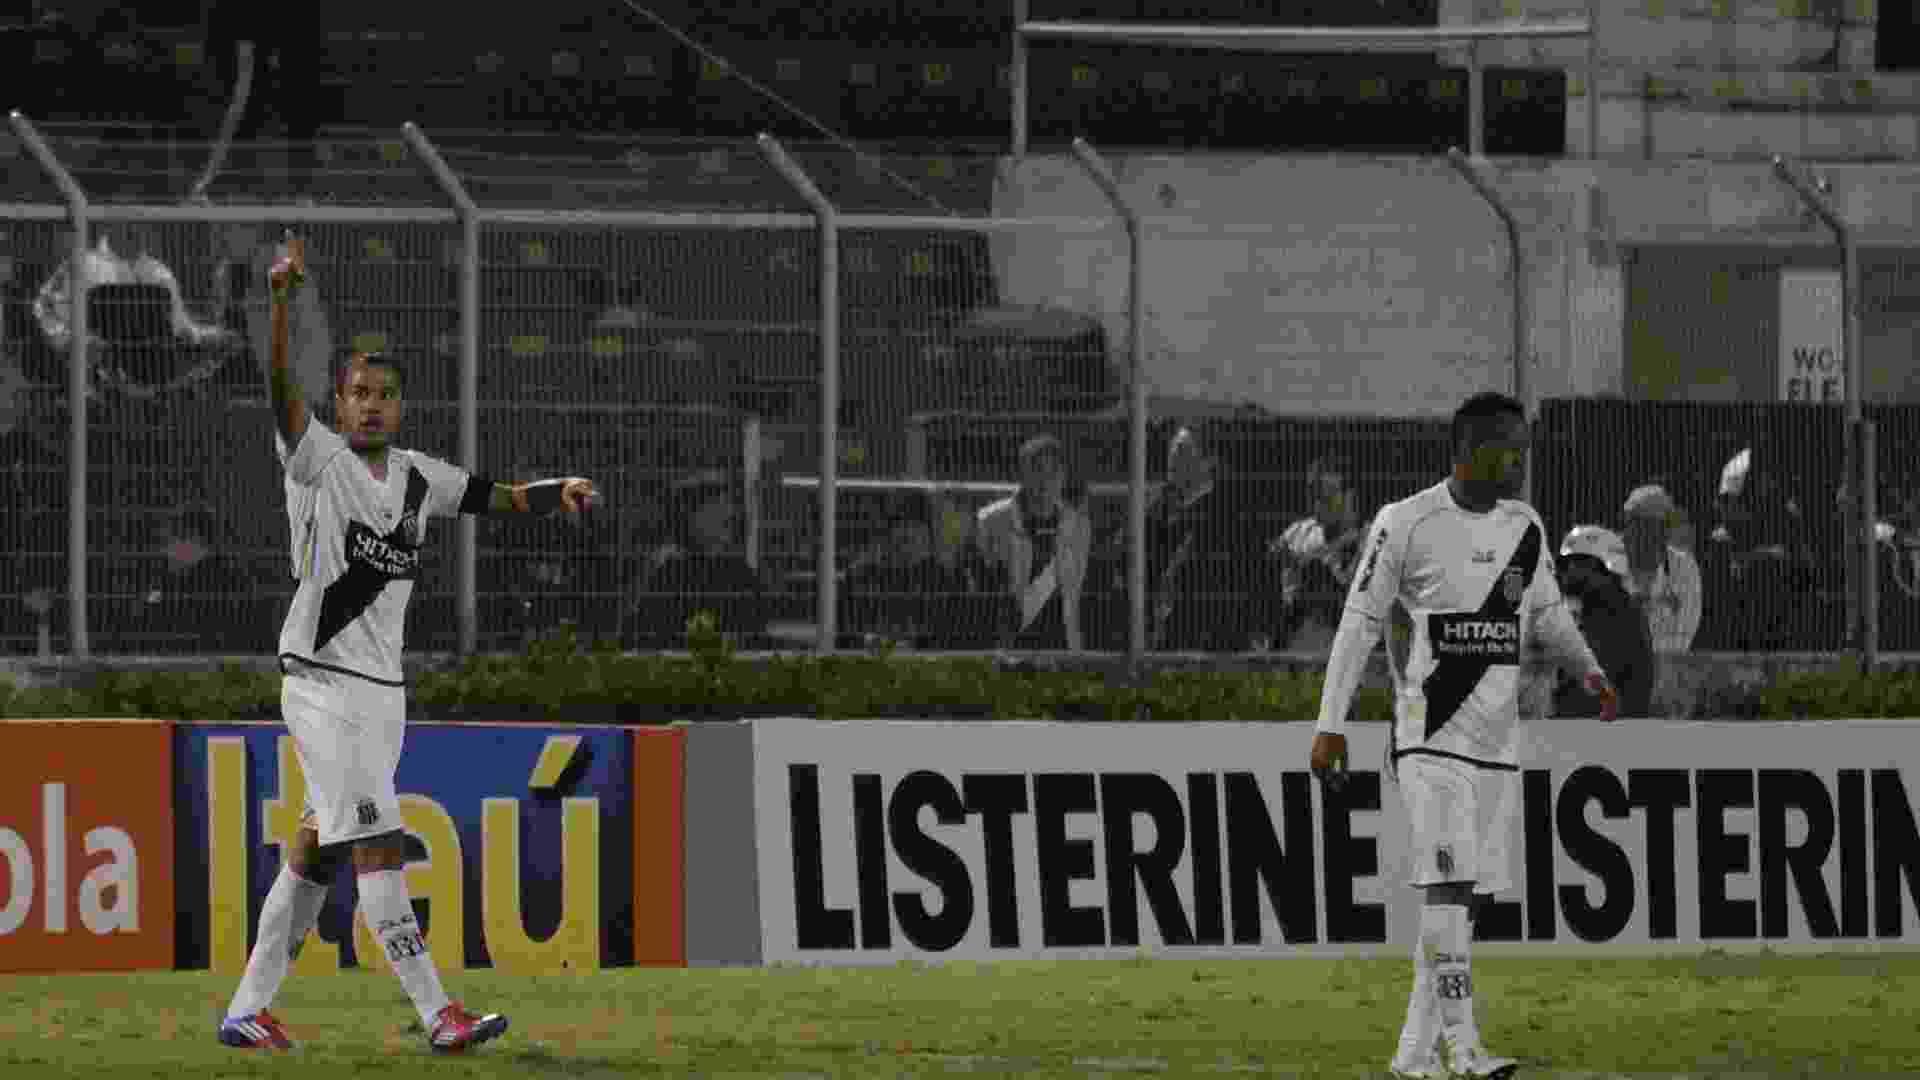 Roger comemora um dos seus três gols na goleada da Ponte Preta sobre o Coritiba (14/07/2012) - GUSTAVO MAGNUSSON/FOTOARENA/AE